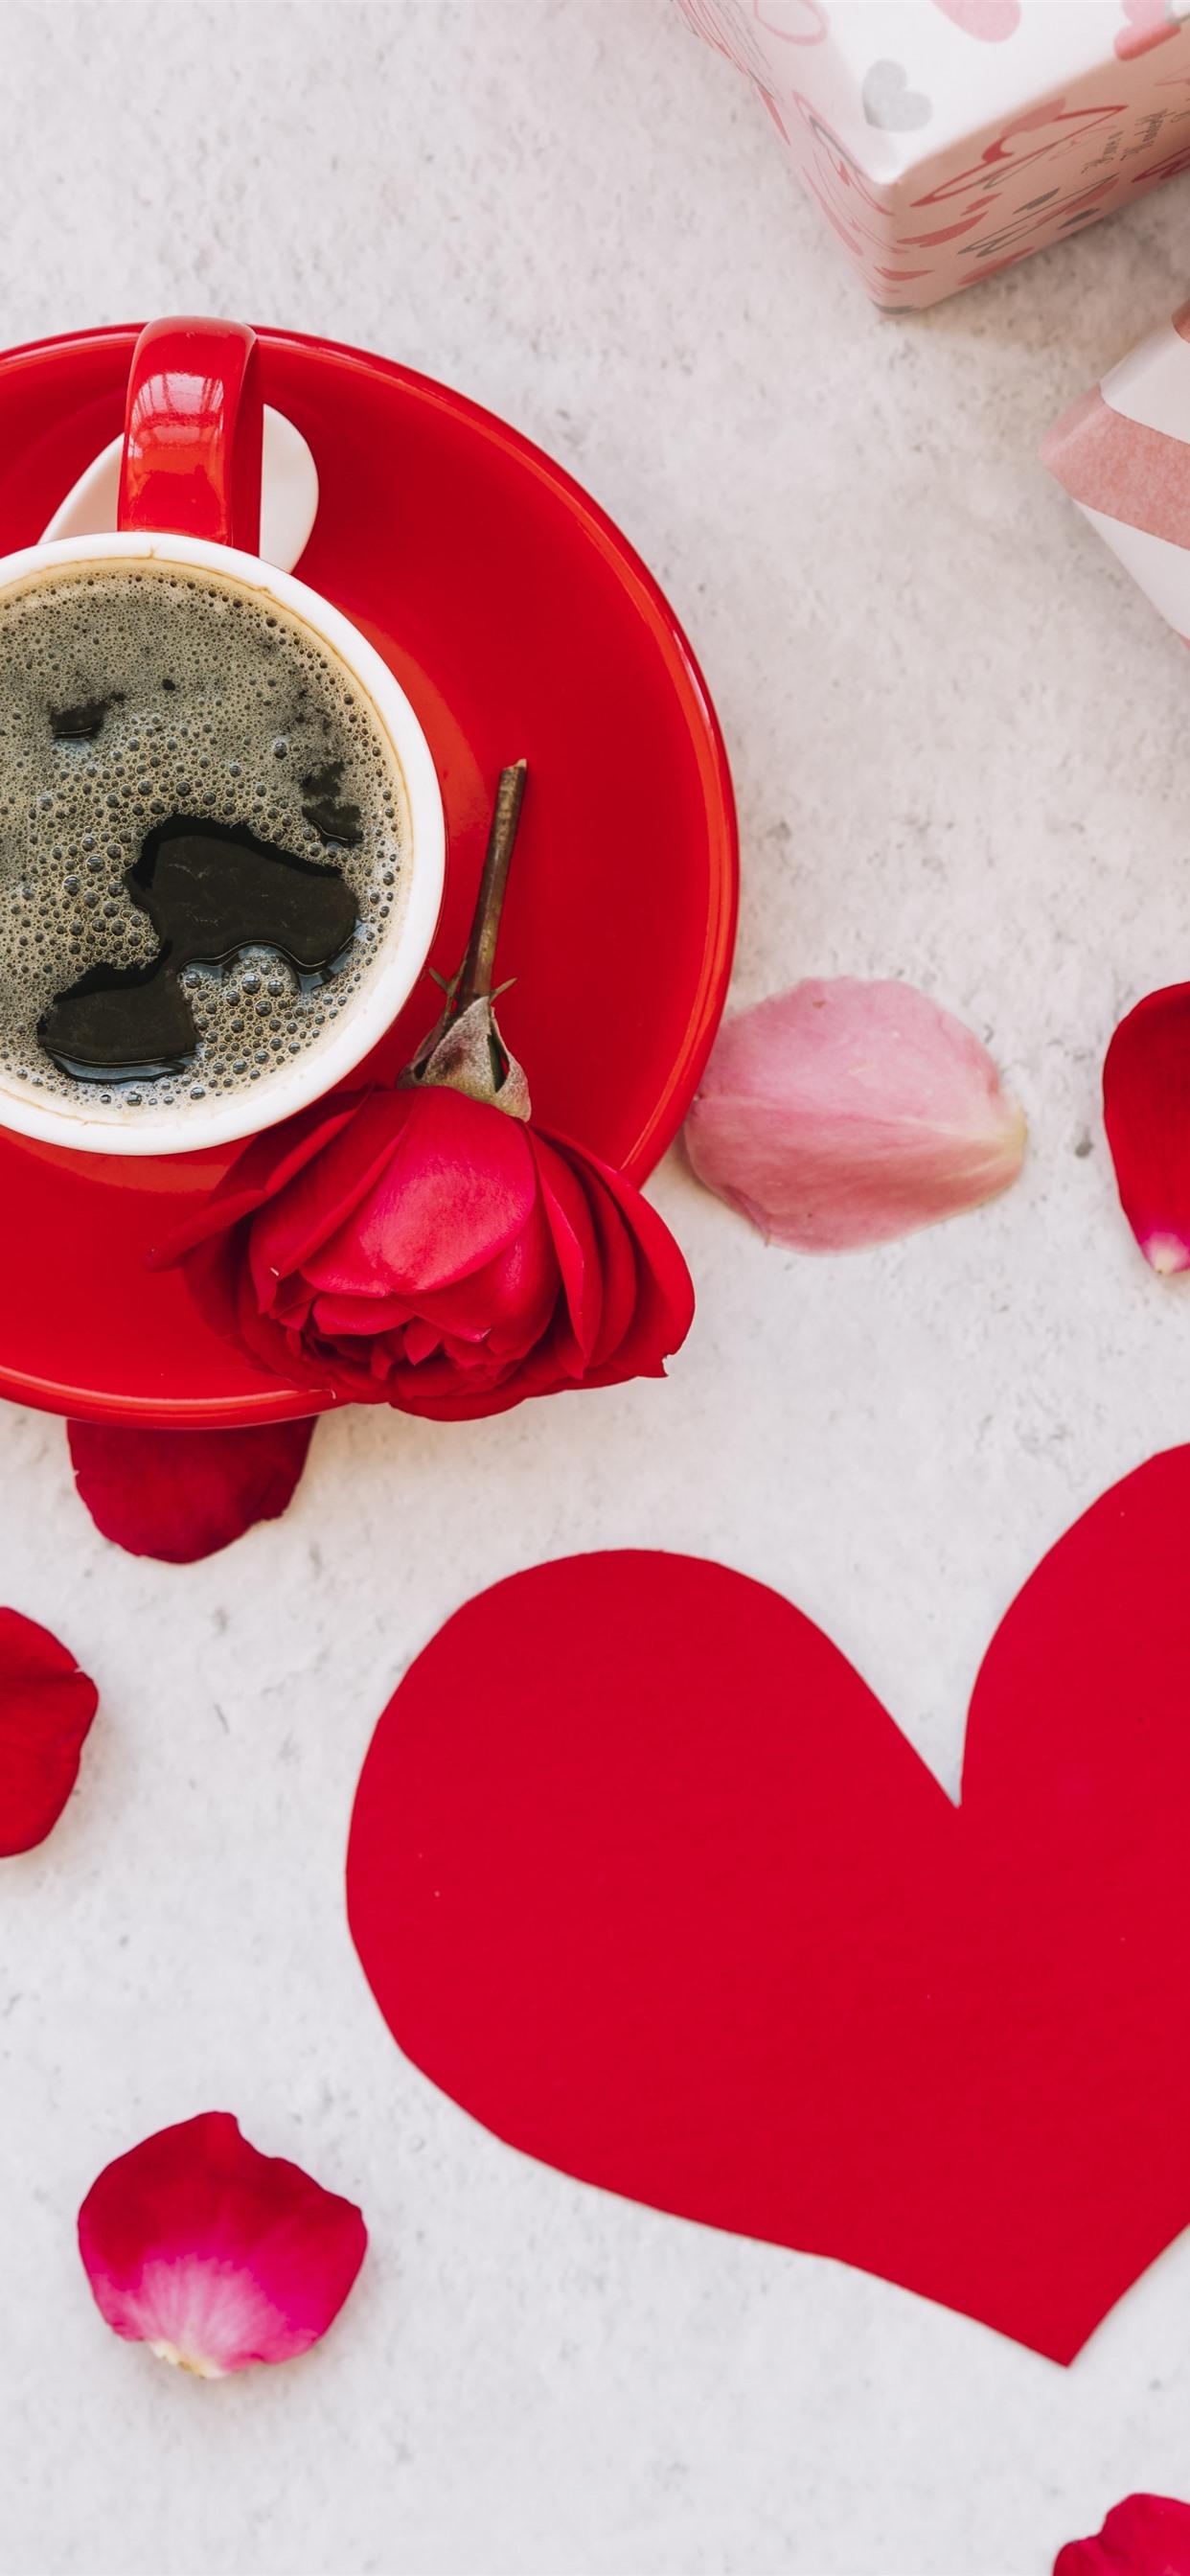 ワンカップコーヒー 赤いバラ ギフト ラブハート 1242x2688 Iphone